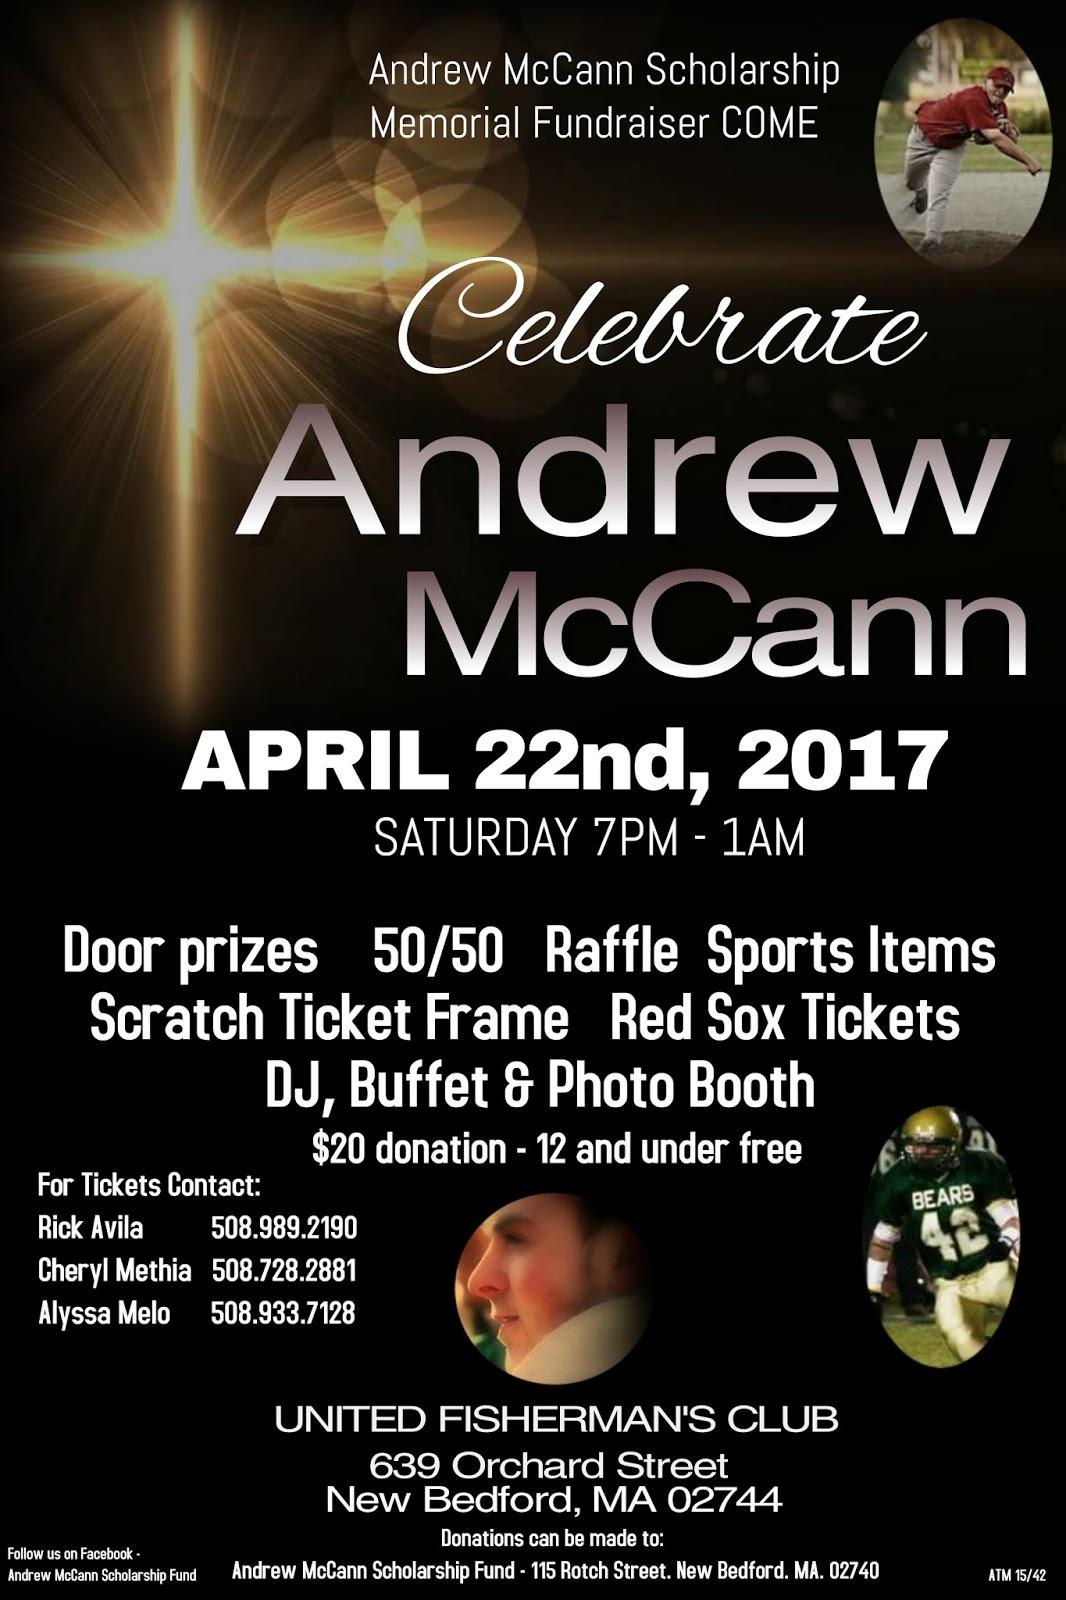 Andrew Mccann Scholarship Memorial Fundraiser New Bedford